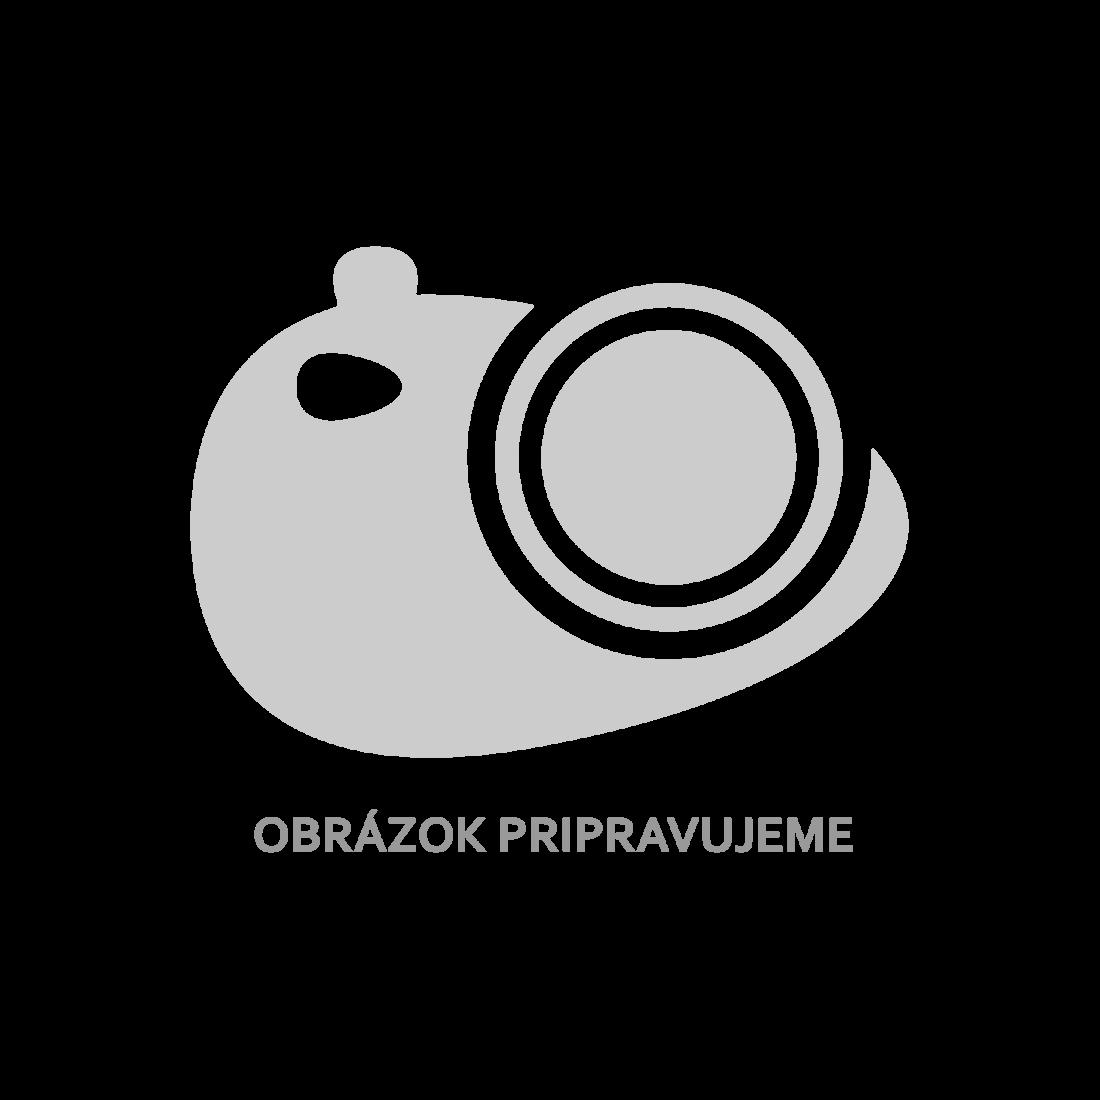 Slnečná plachta HDPE, trojuholníková, 5x5x5 m, krémová